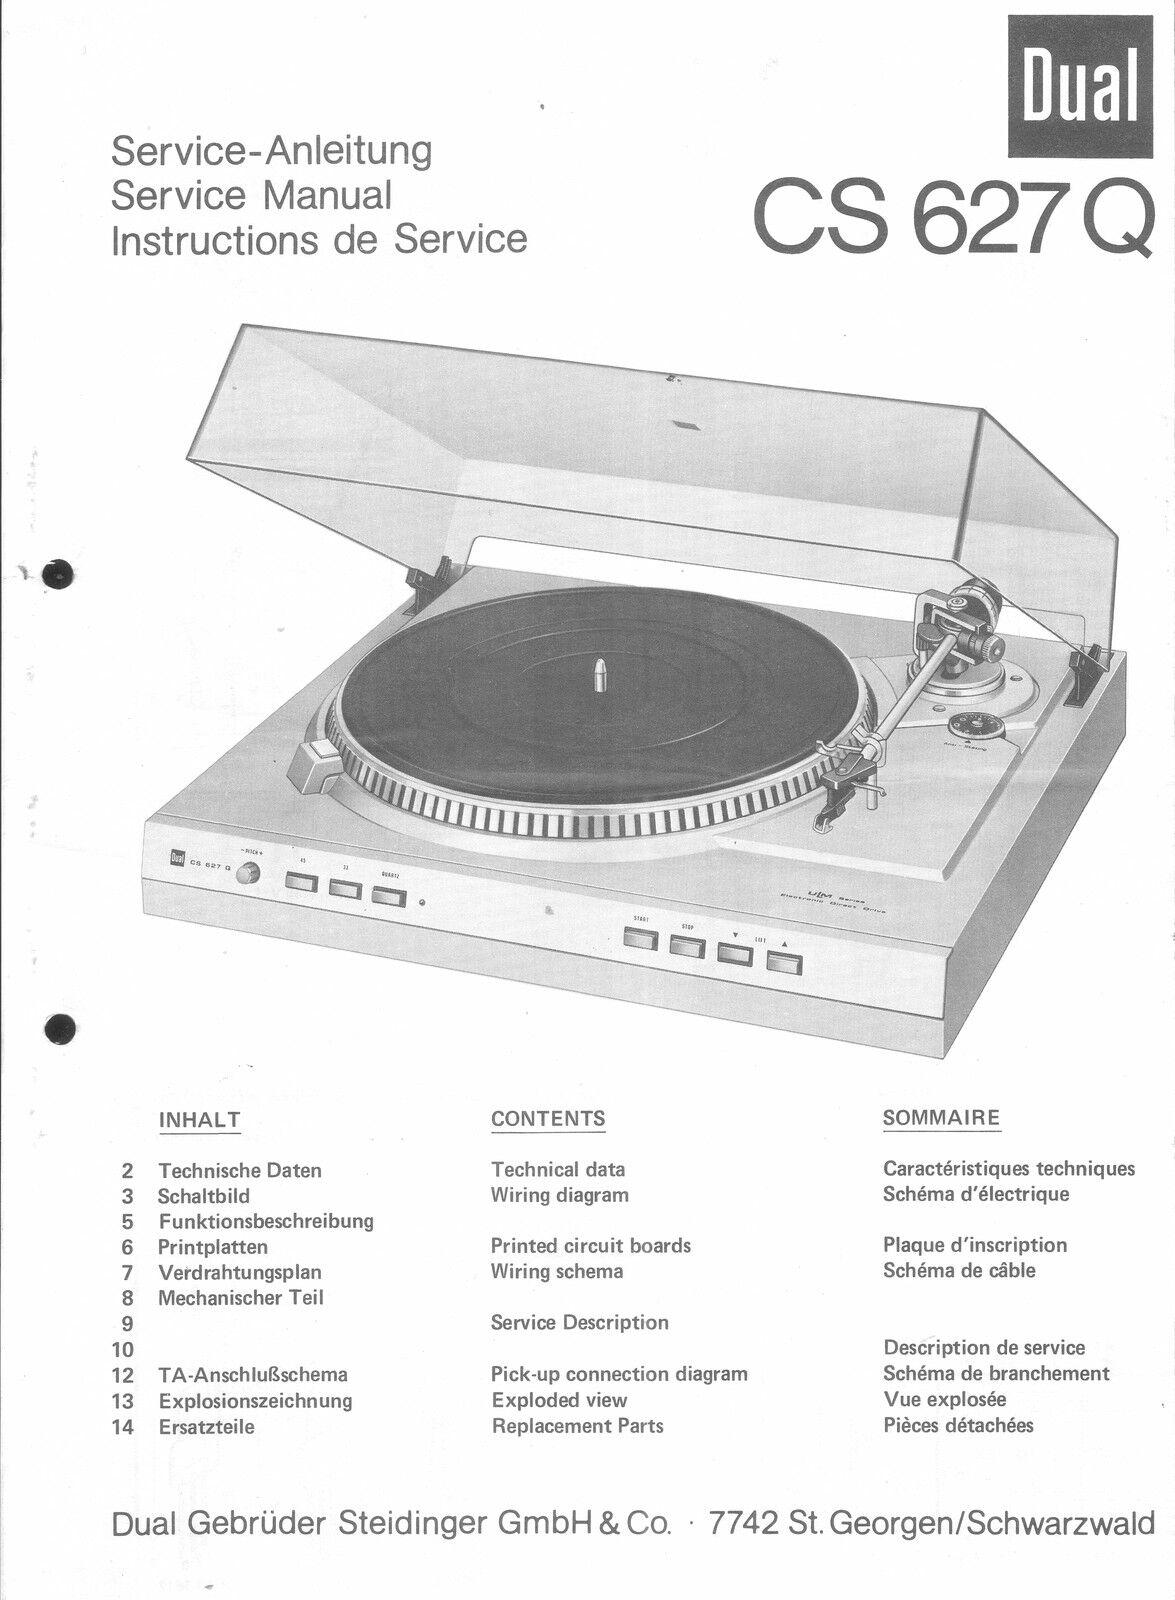 Dual Service Manual für CS 627 Q  Copy